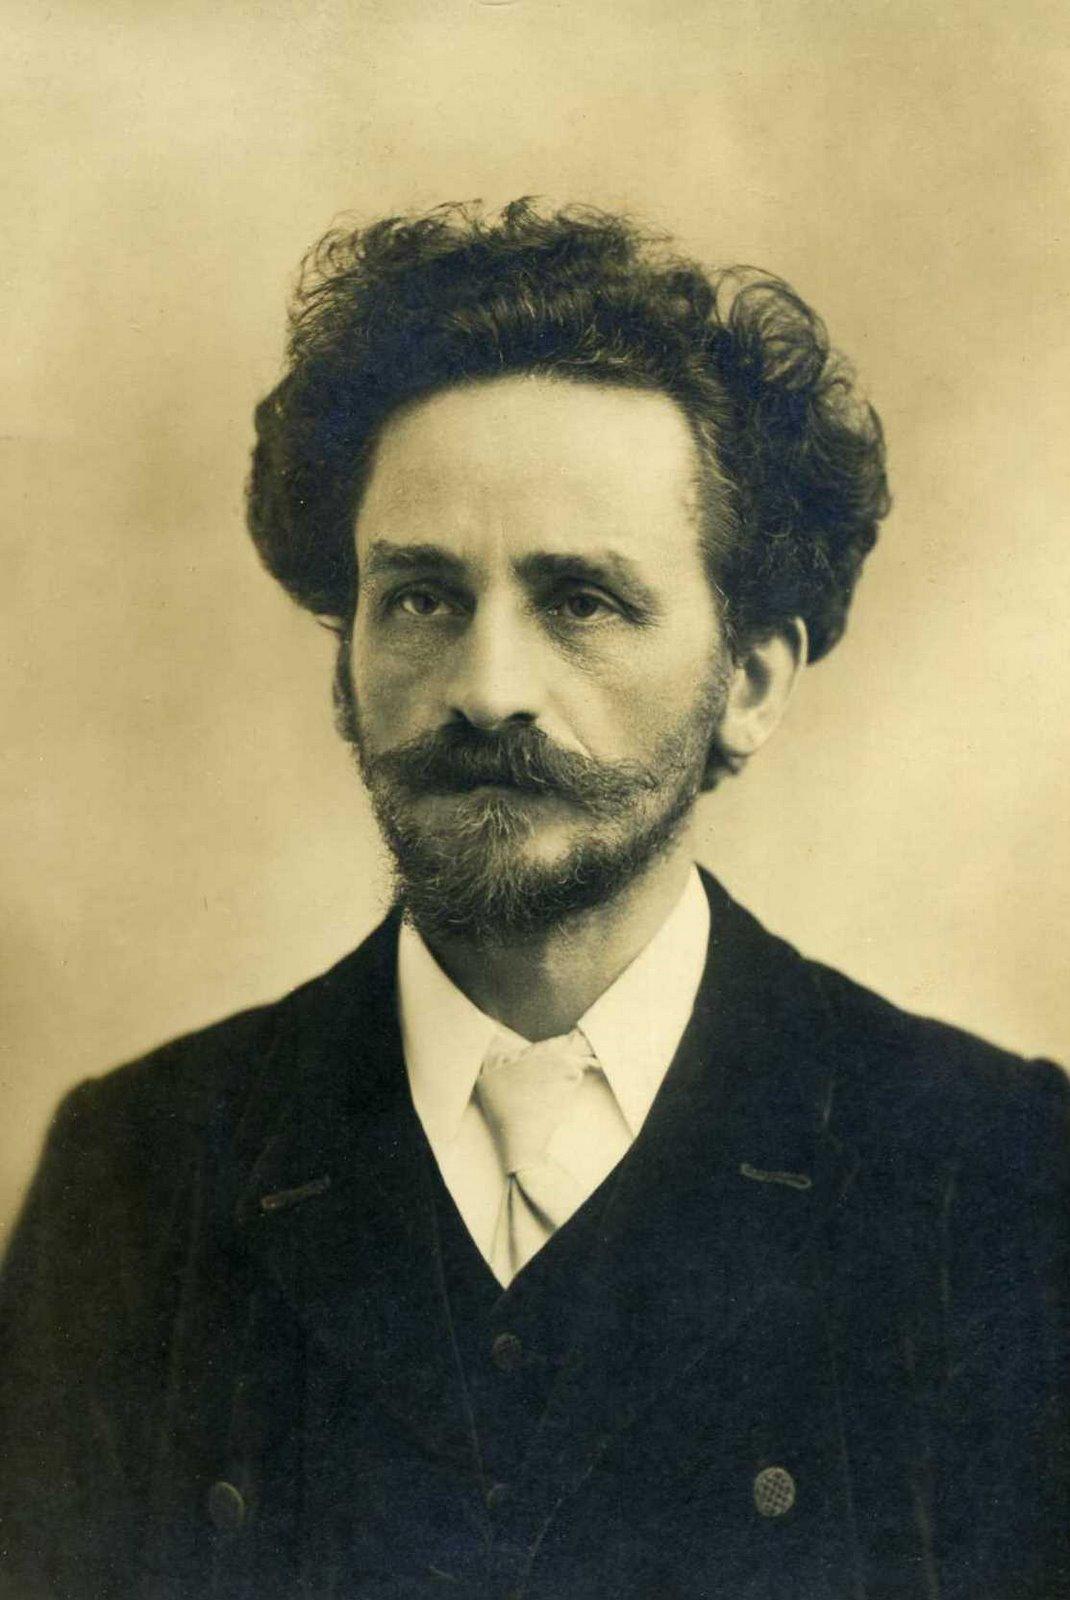 James Allen (1864-1912)